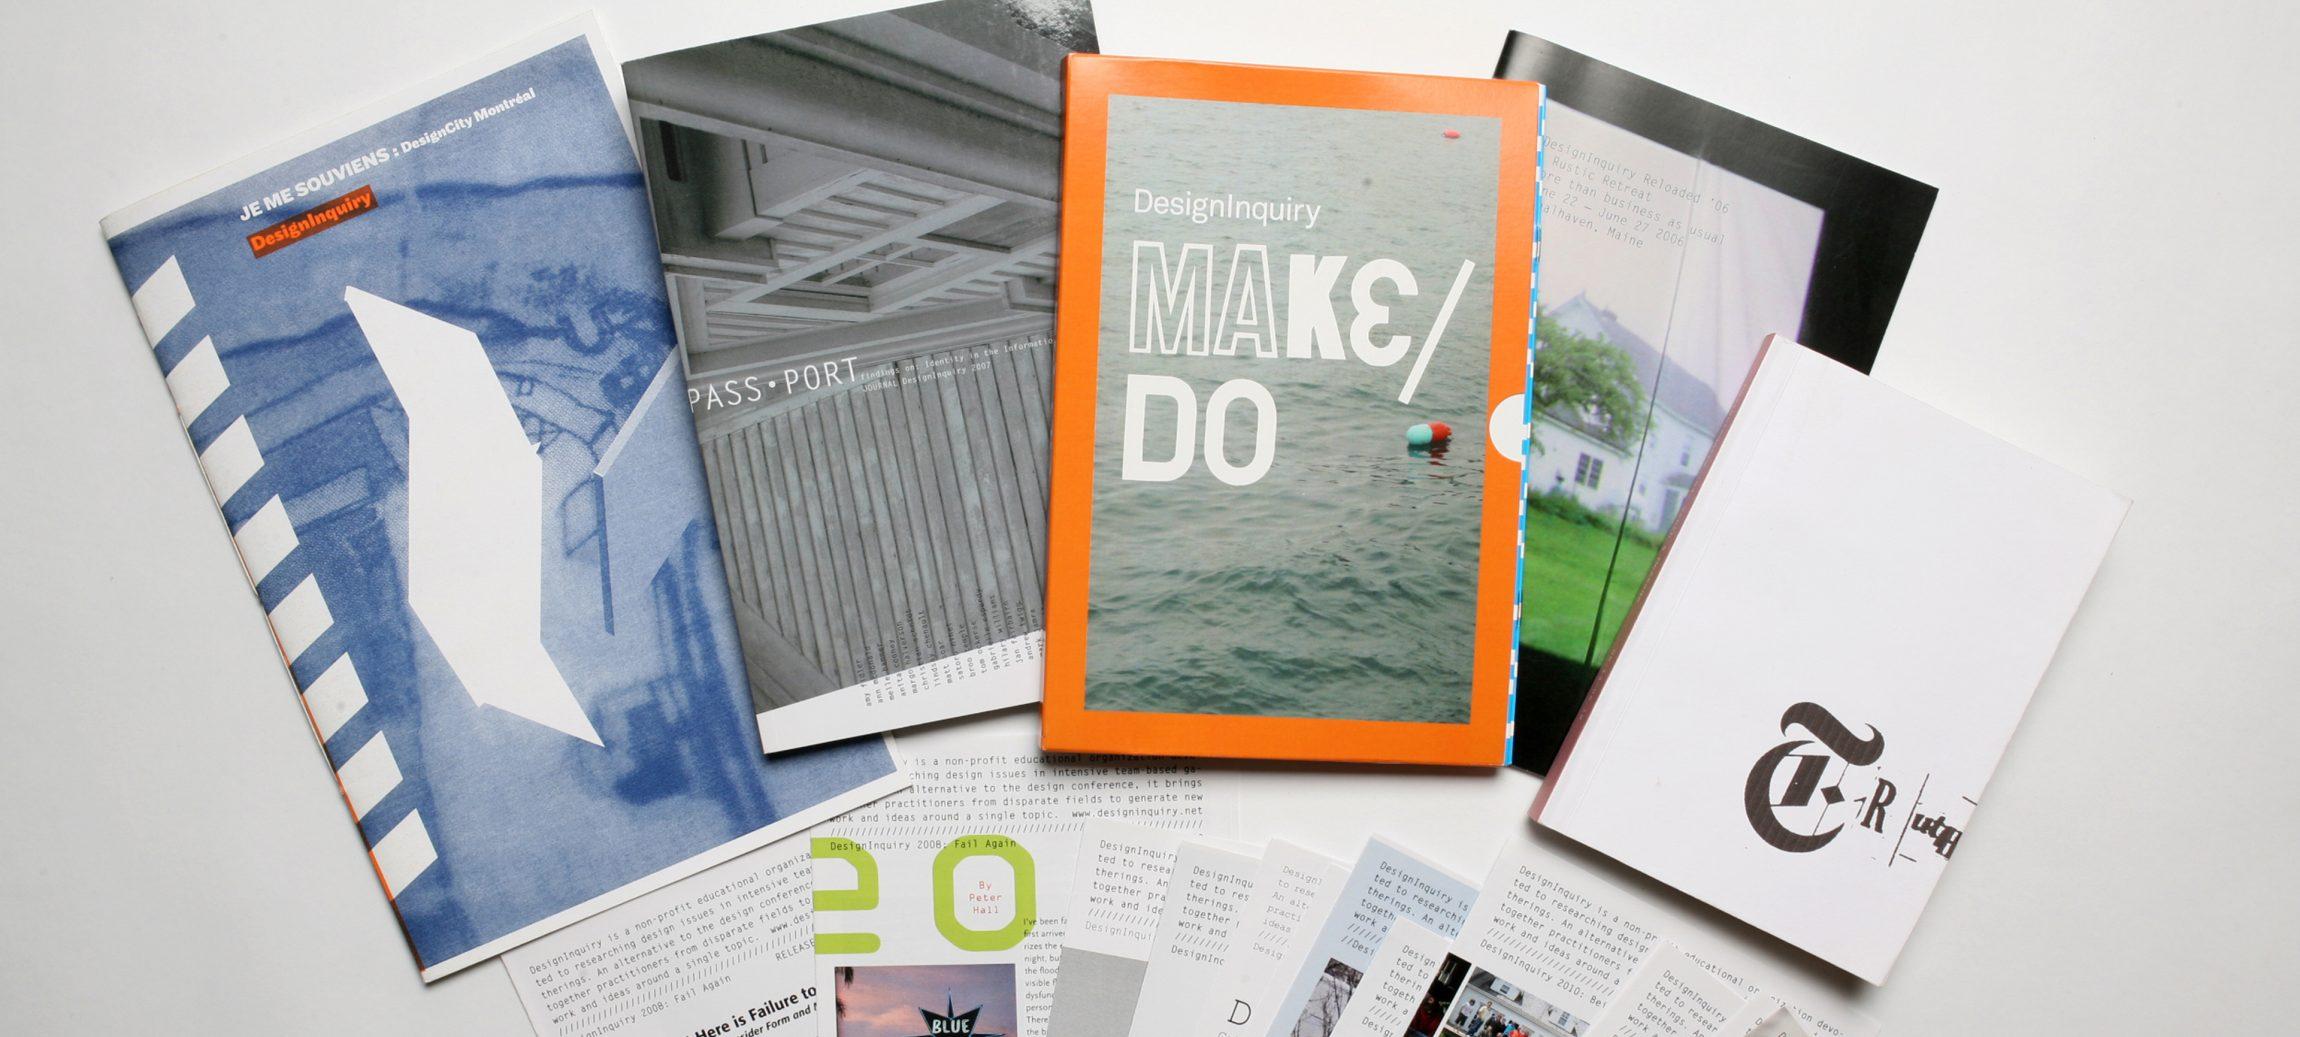 DesignInquiry: Futurespective image